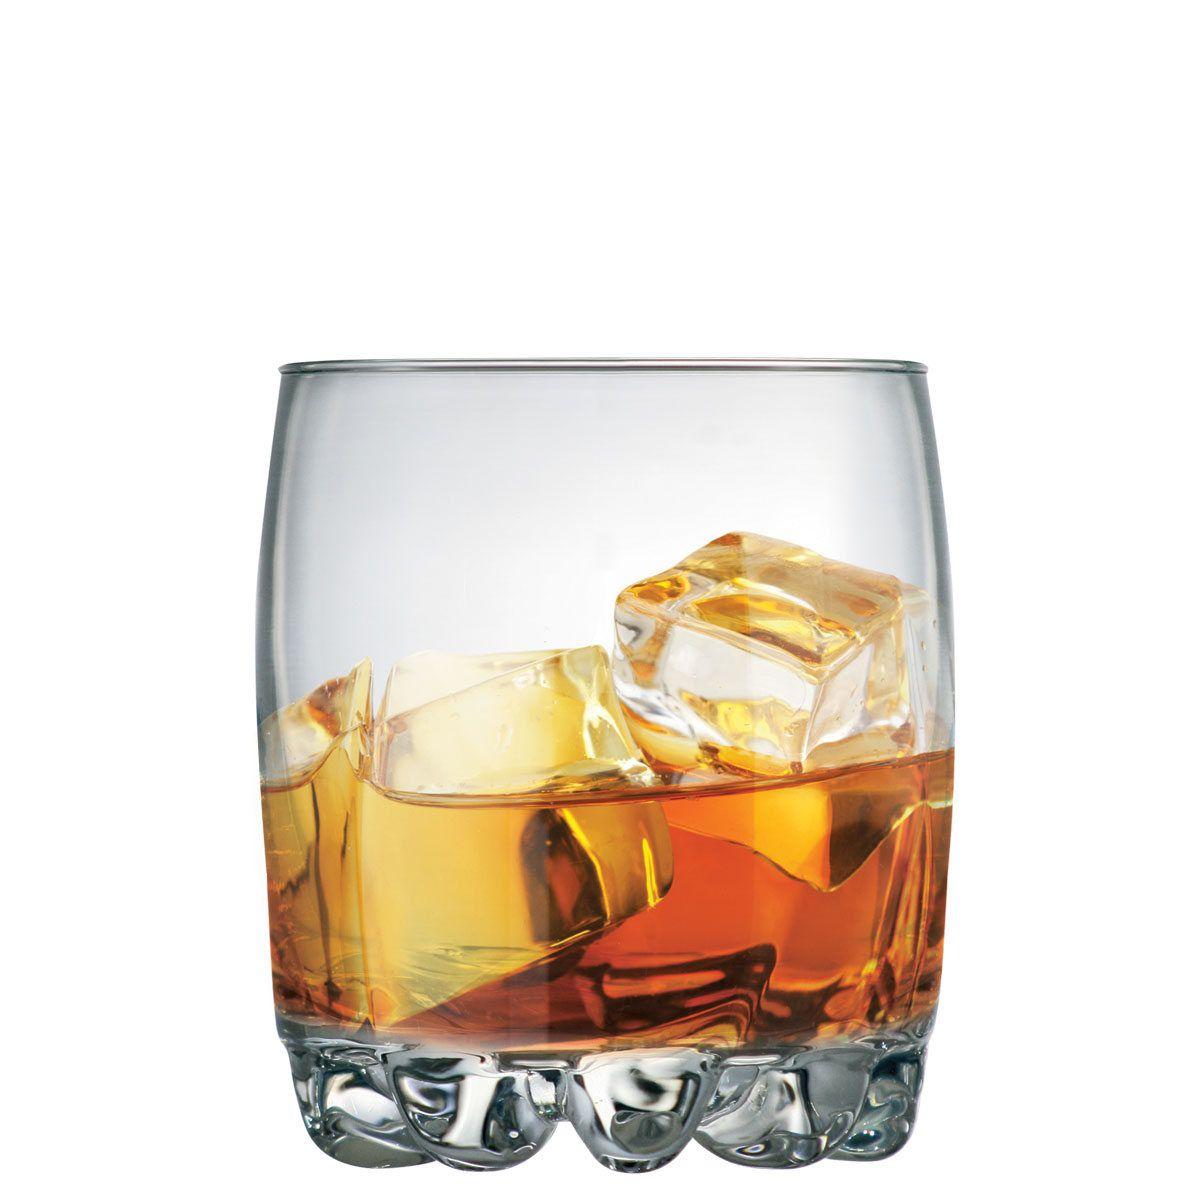 Copo de Whisky Riviera On The Rocks Vidro 335ml (Caixa com 24 unidades)